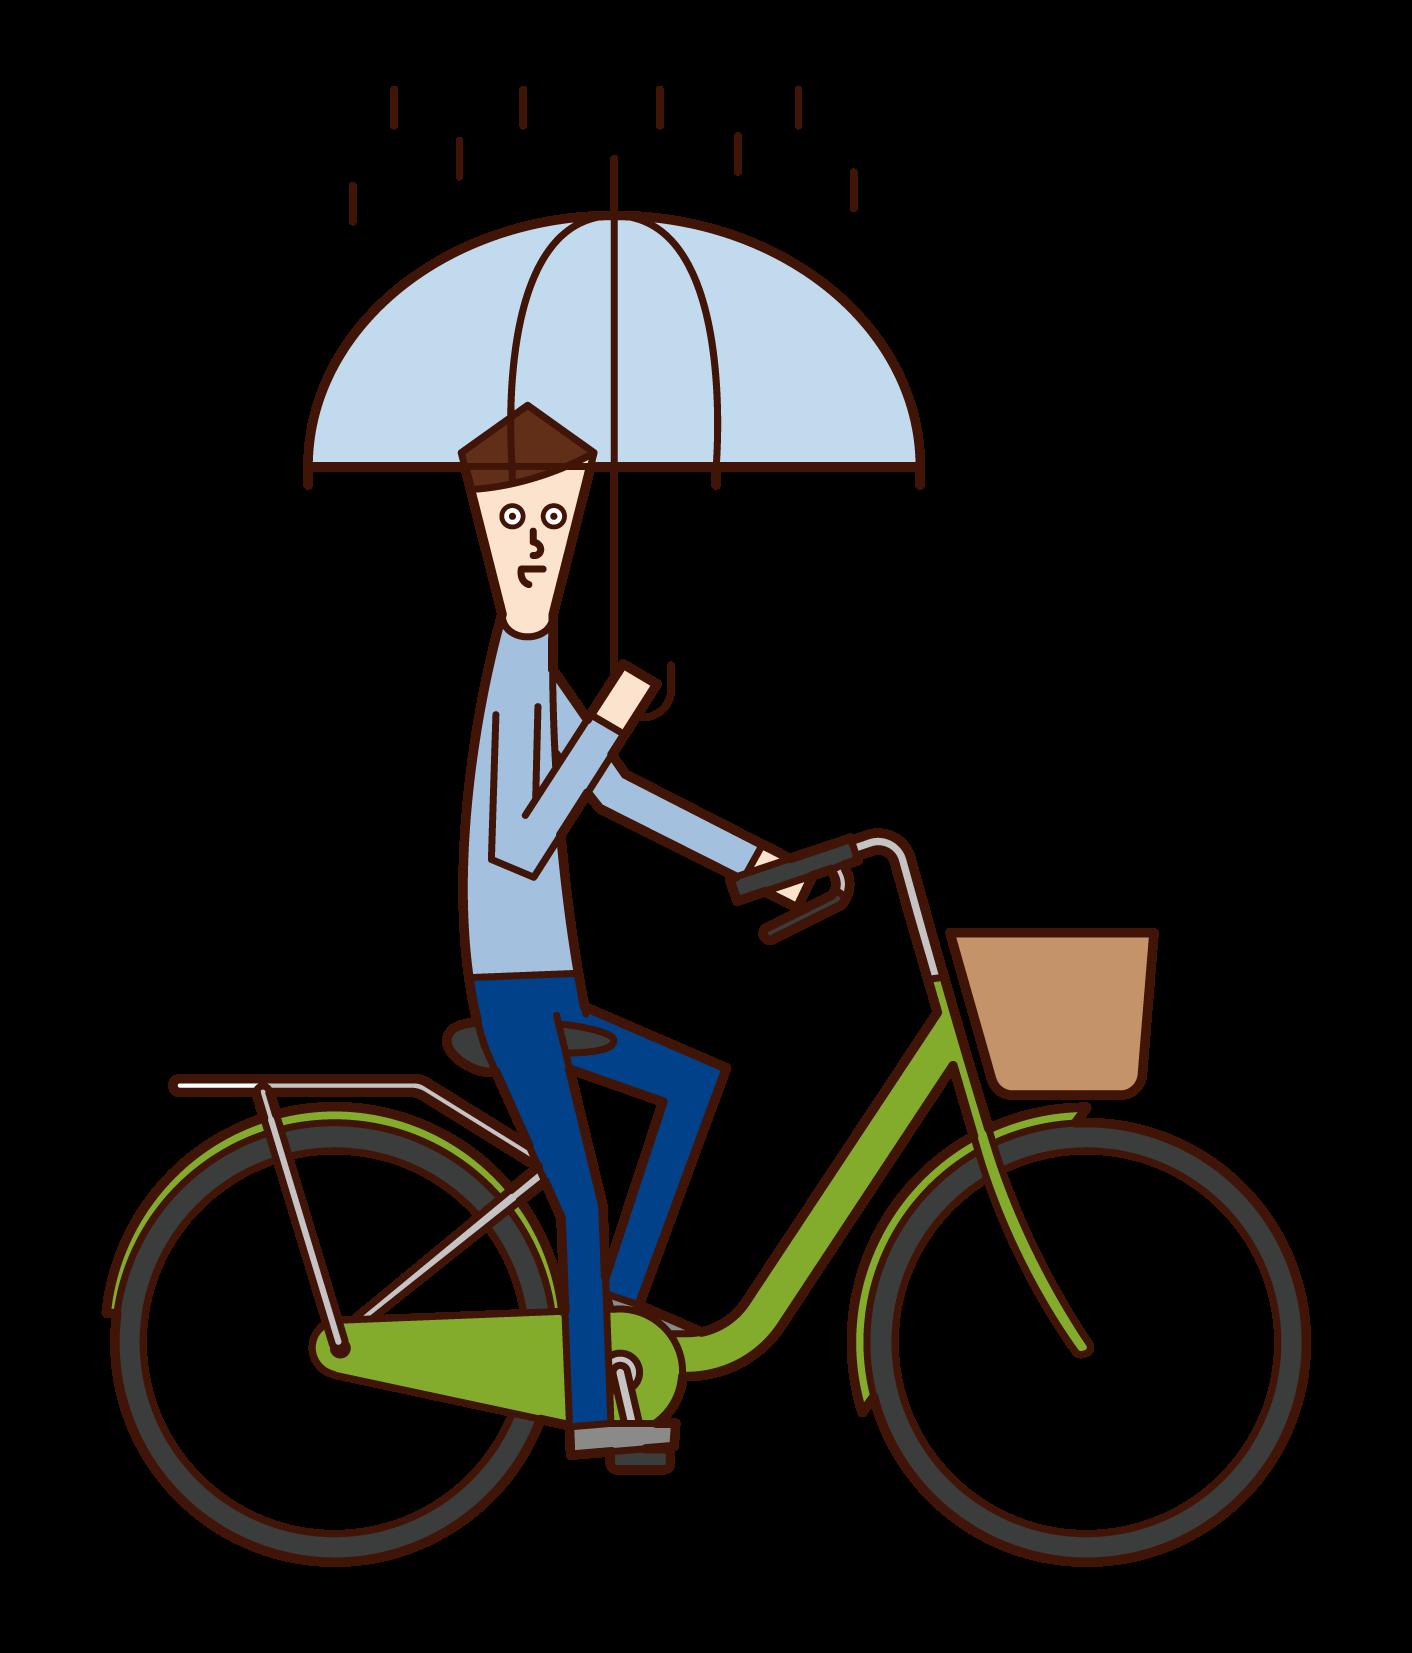 傘をさしながら自転車を運転する人(男性)のイラスト